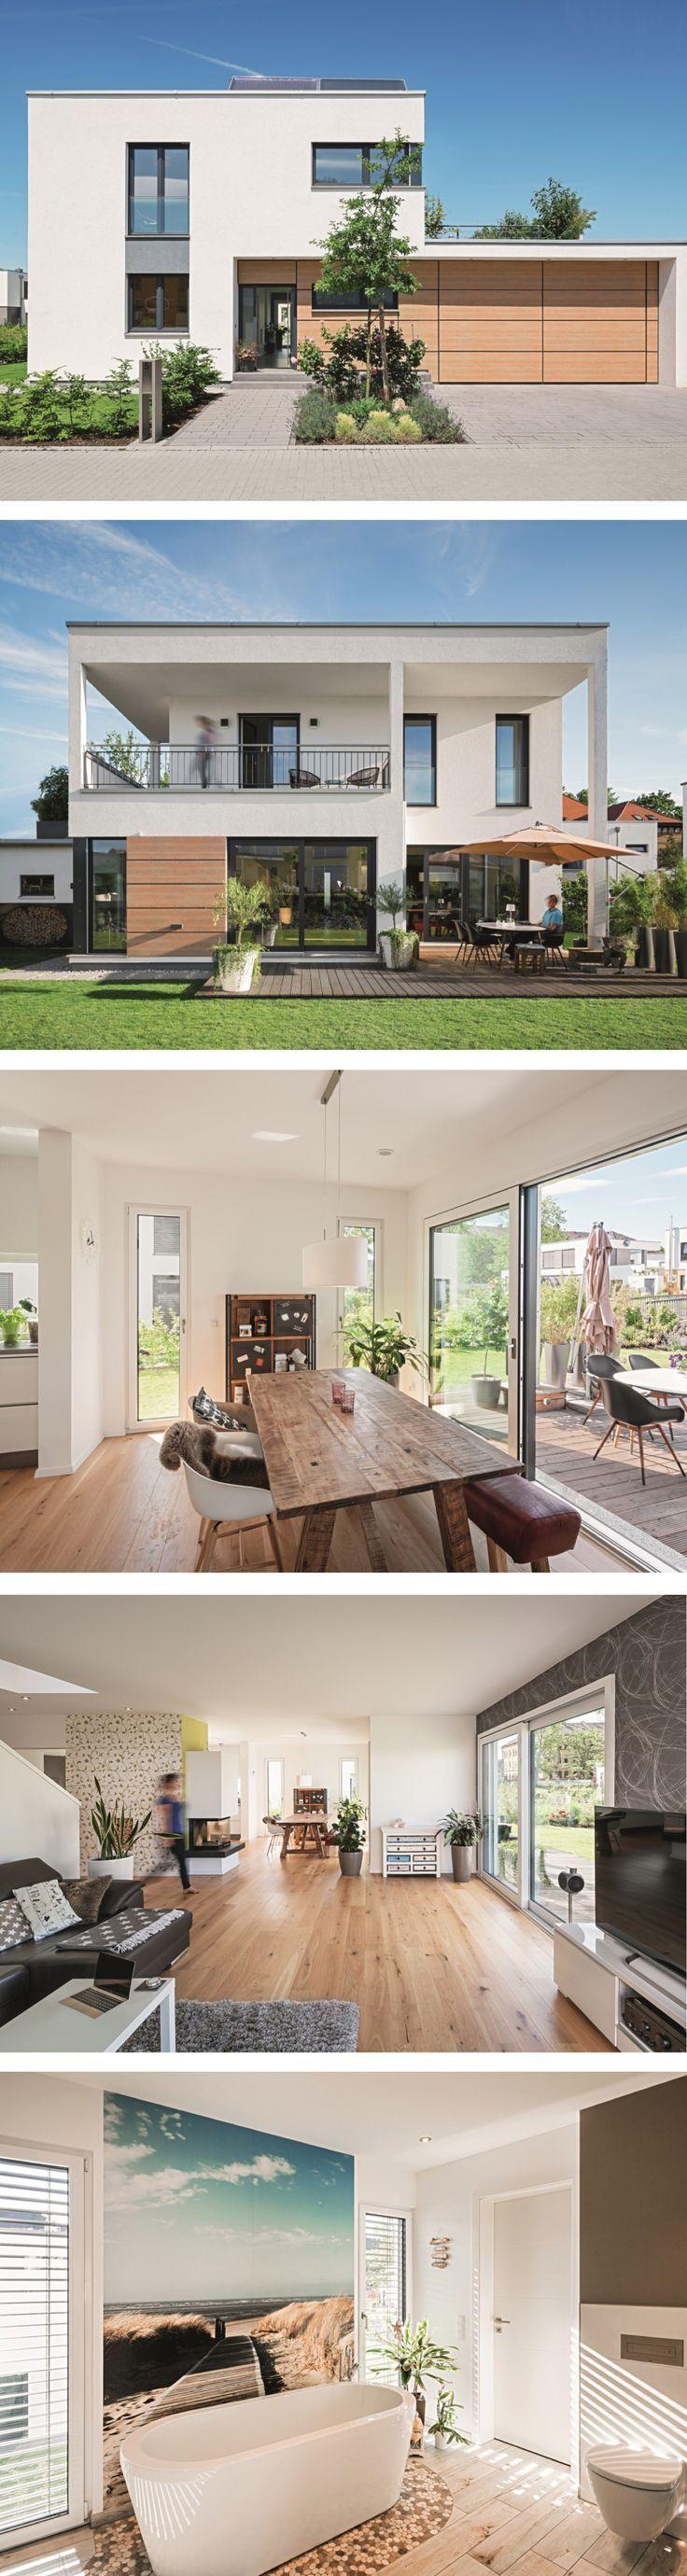 Moderne Stadtvilla mit Flachdach im Bauhausstil – Haus lichtdurchfluteter Würfel von … – Sarah, …   – Fassade